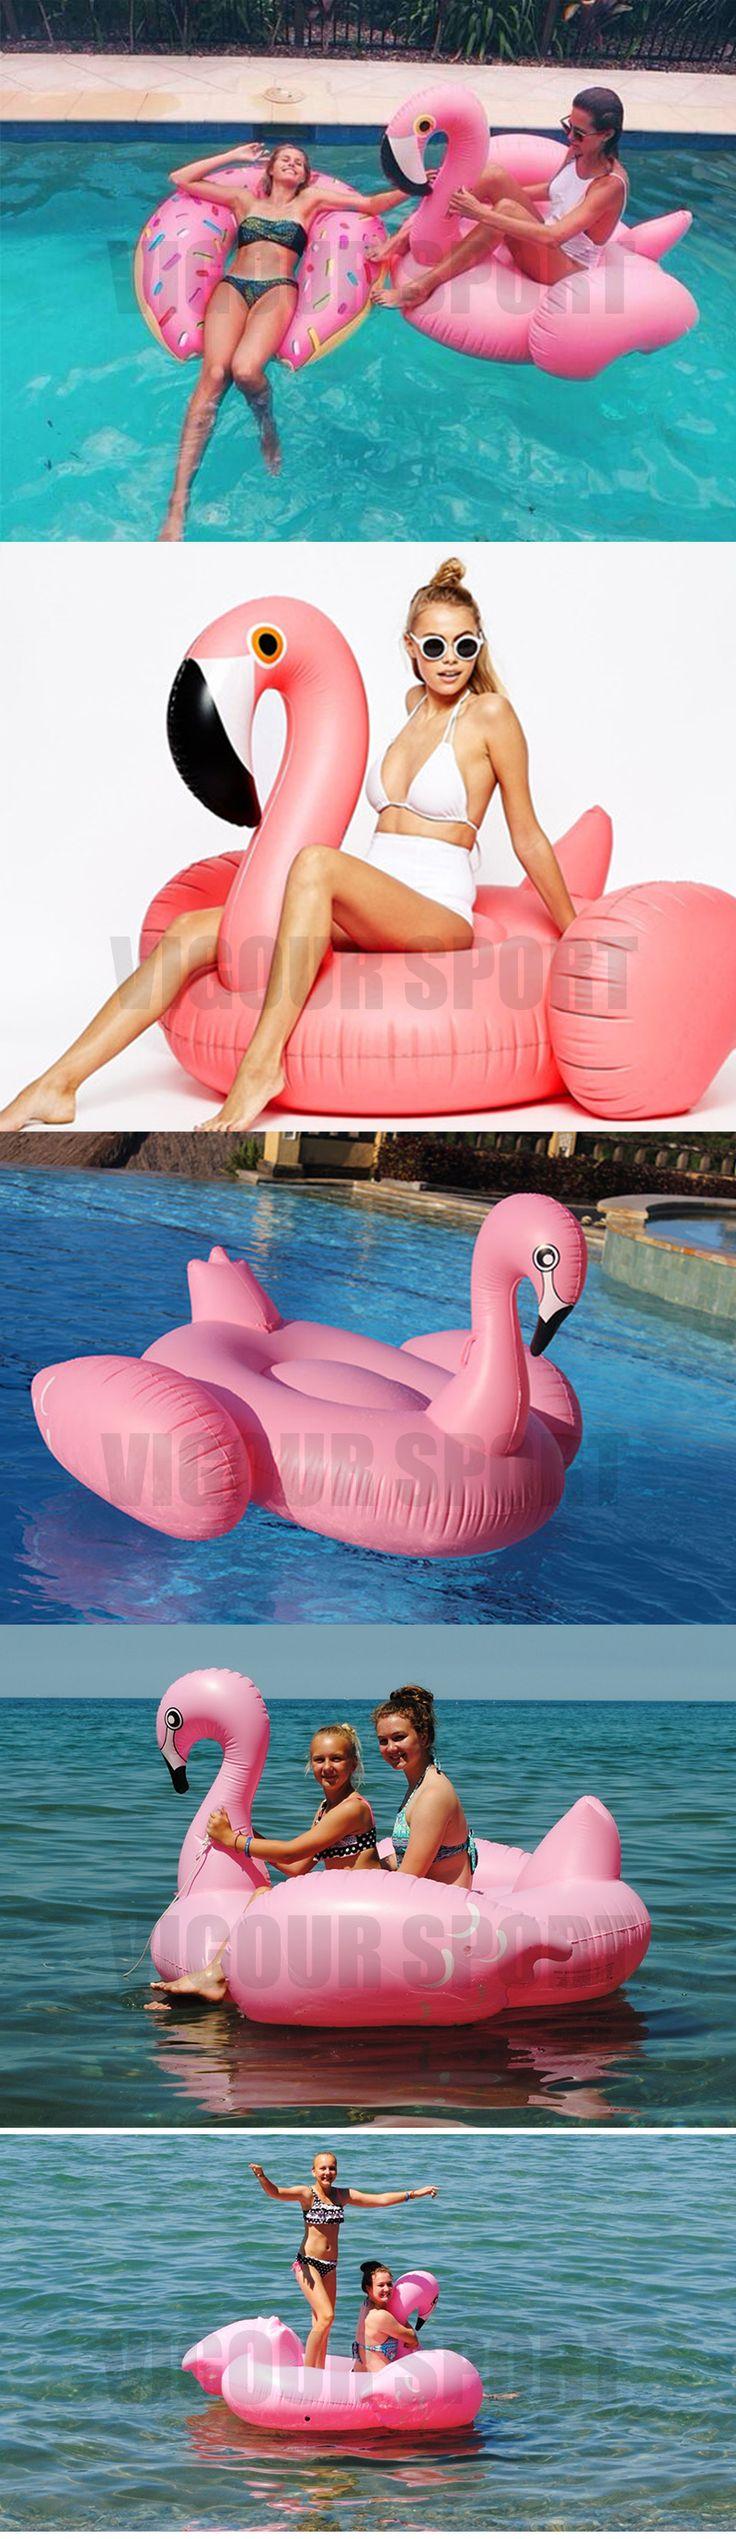 M s de 25 ideas fant sticas sobre flotadores de piscina en for En la piscina